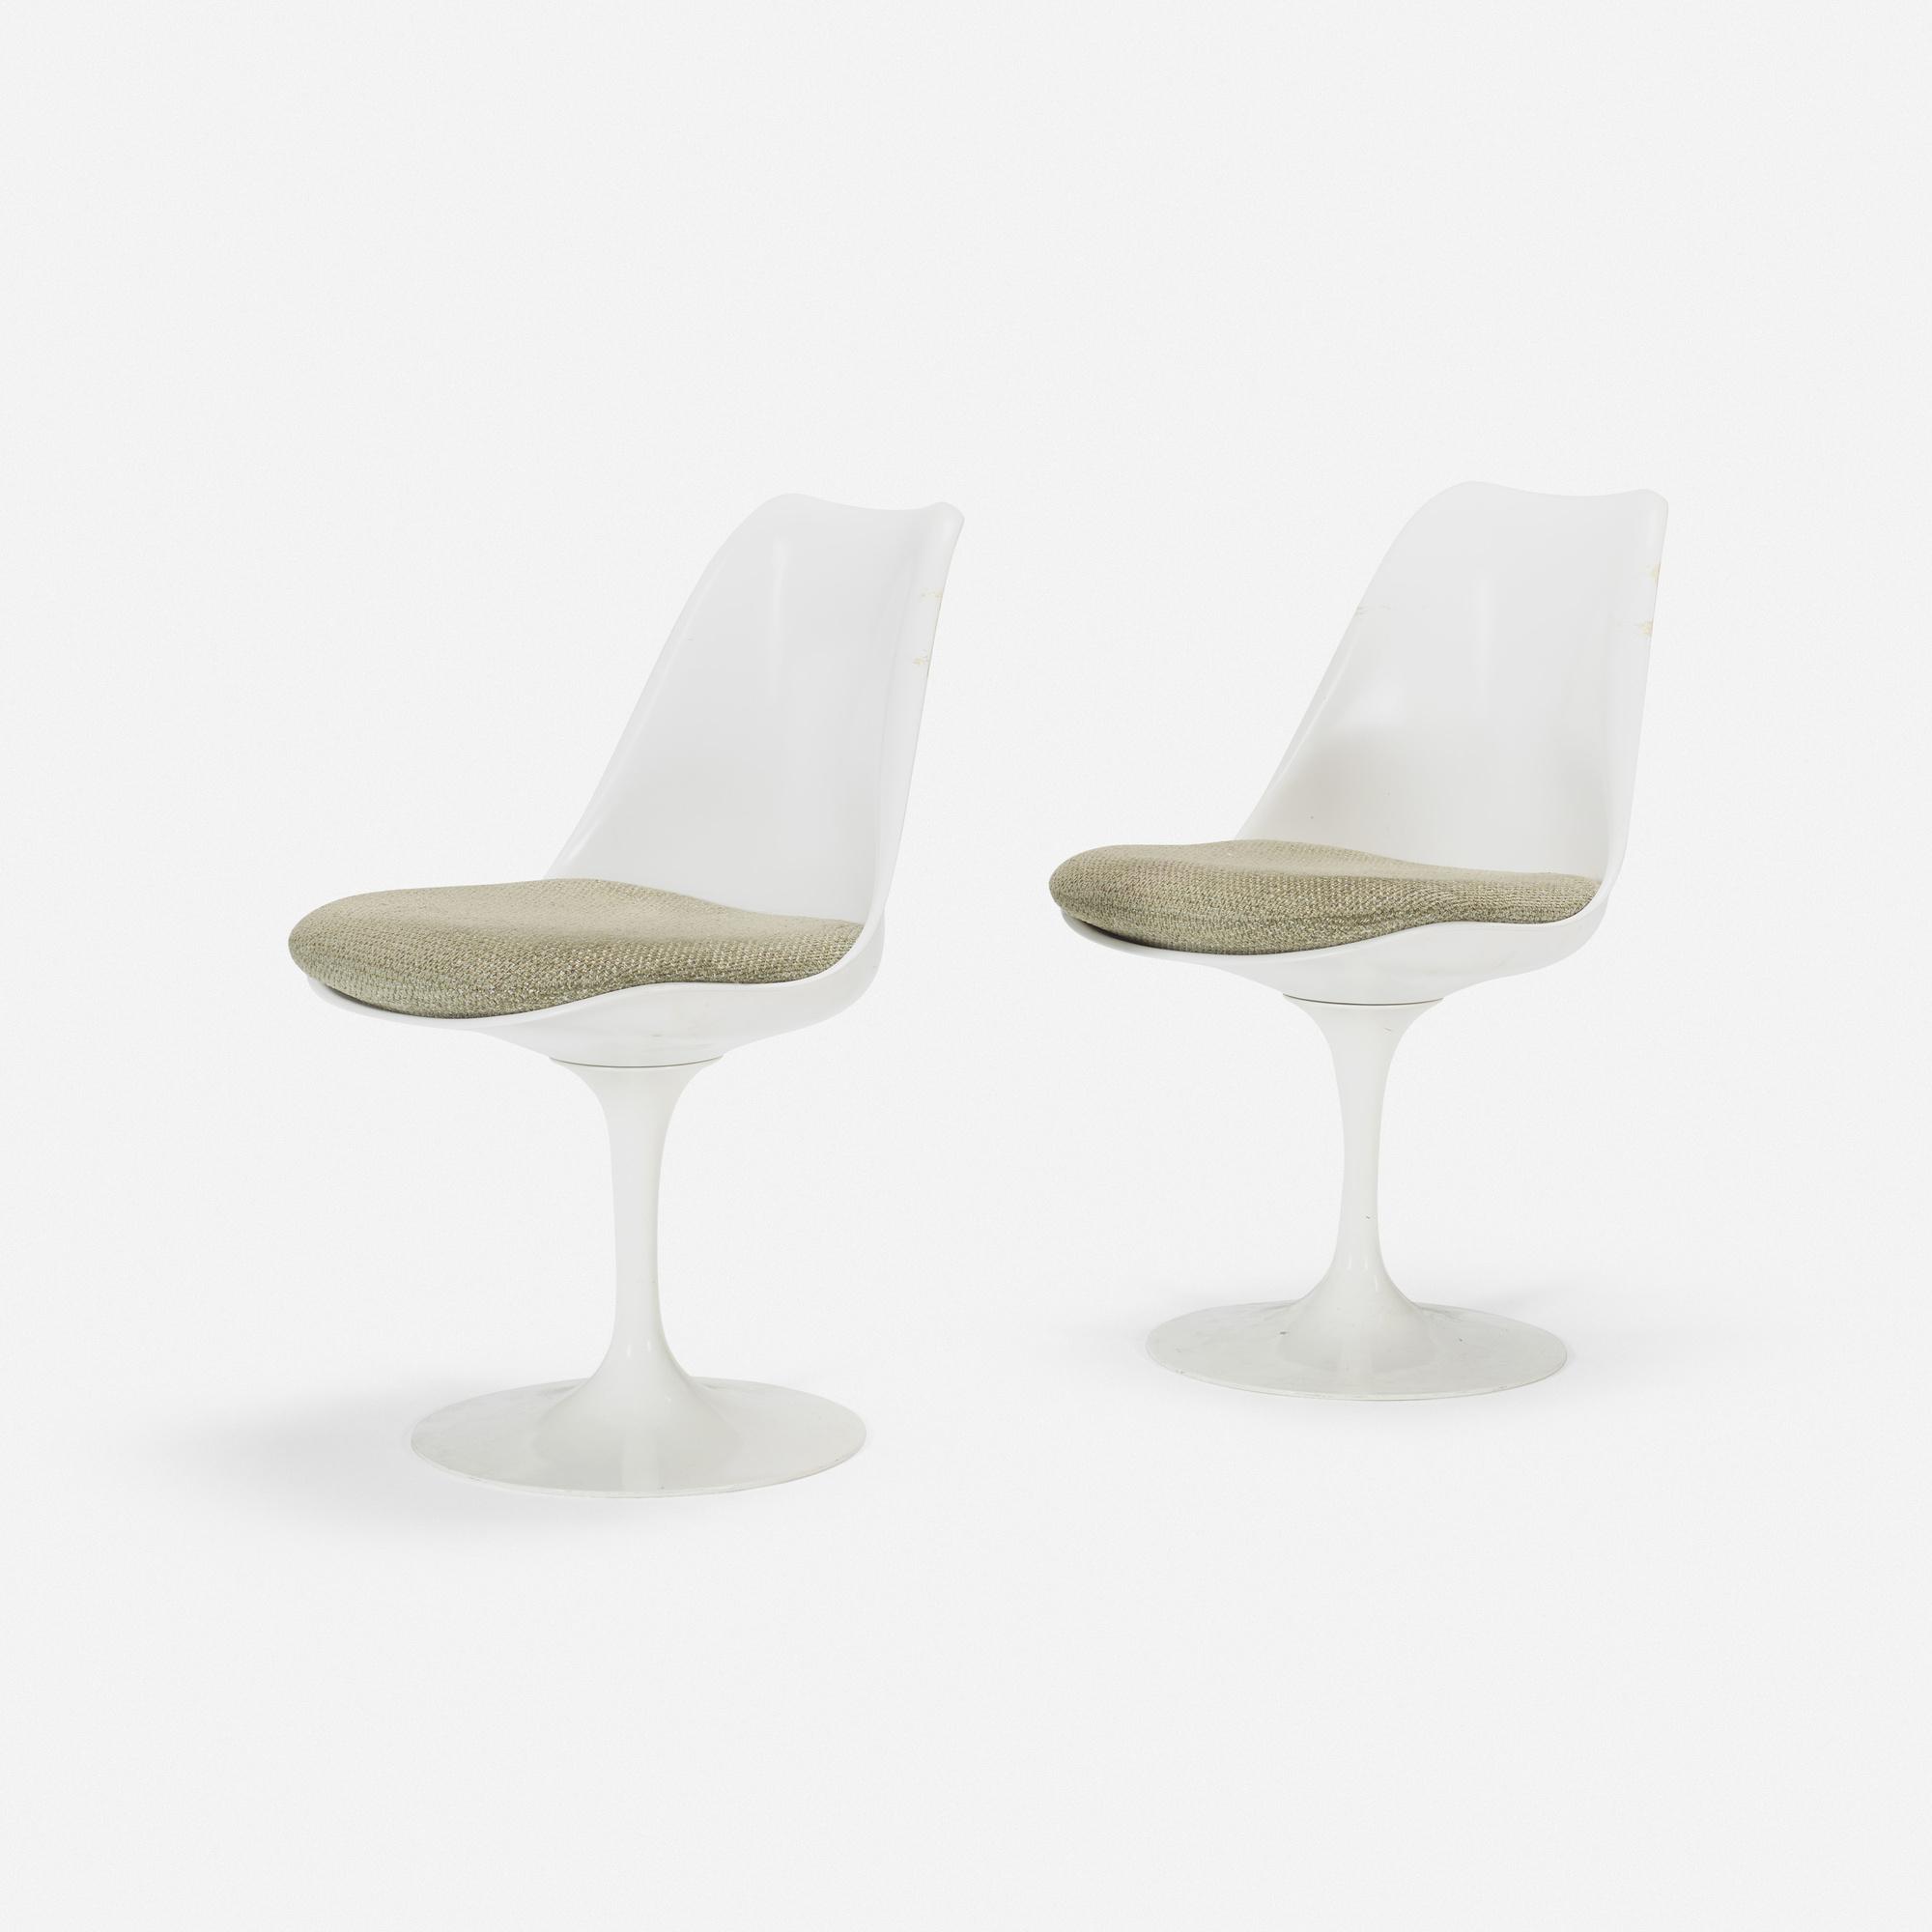 105: Eero Saarinen / Tulip chairs from the Ladies' Lounge, pair (1 of 1)